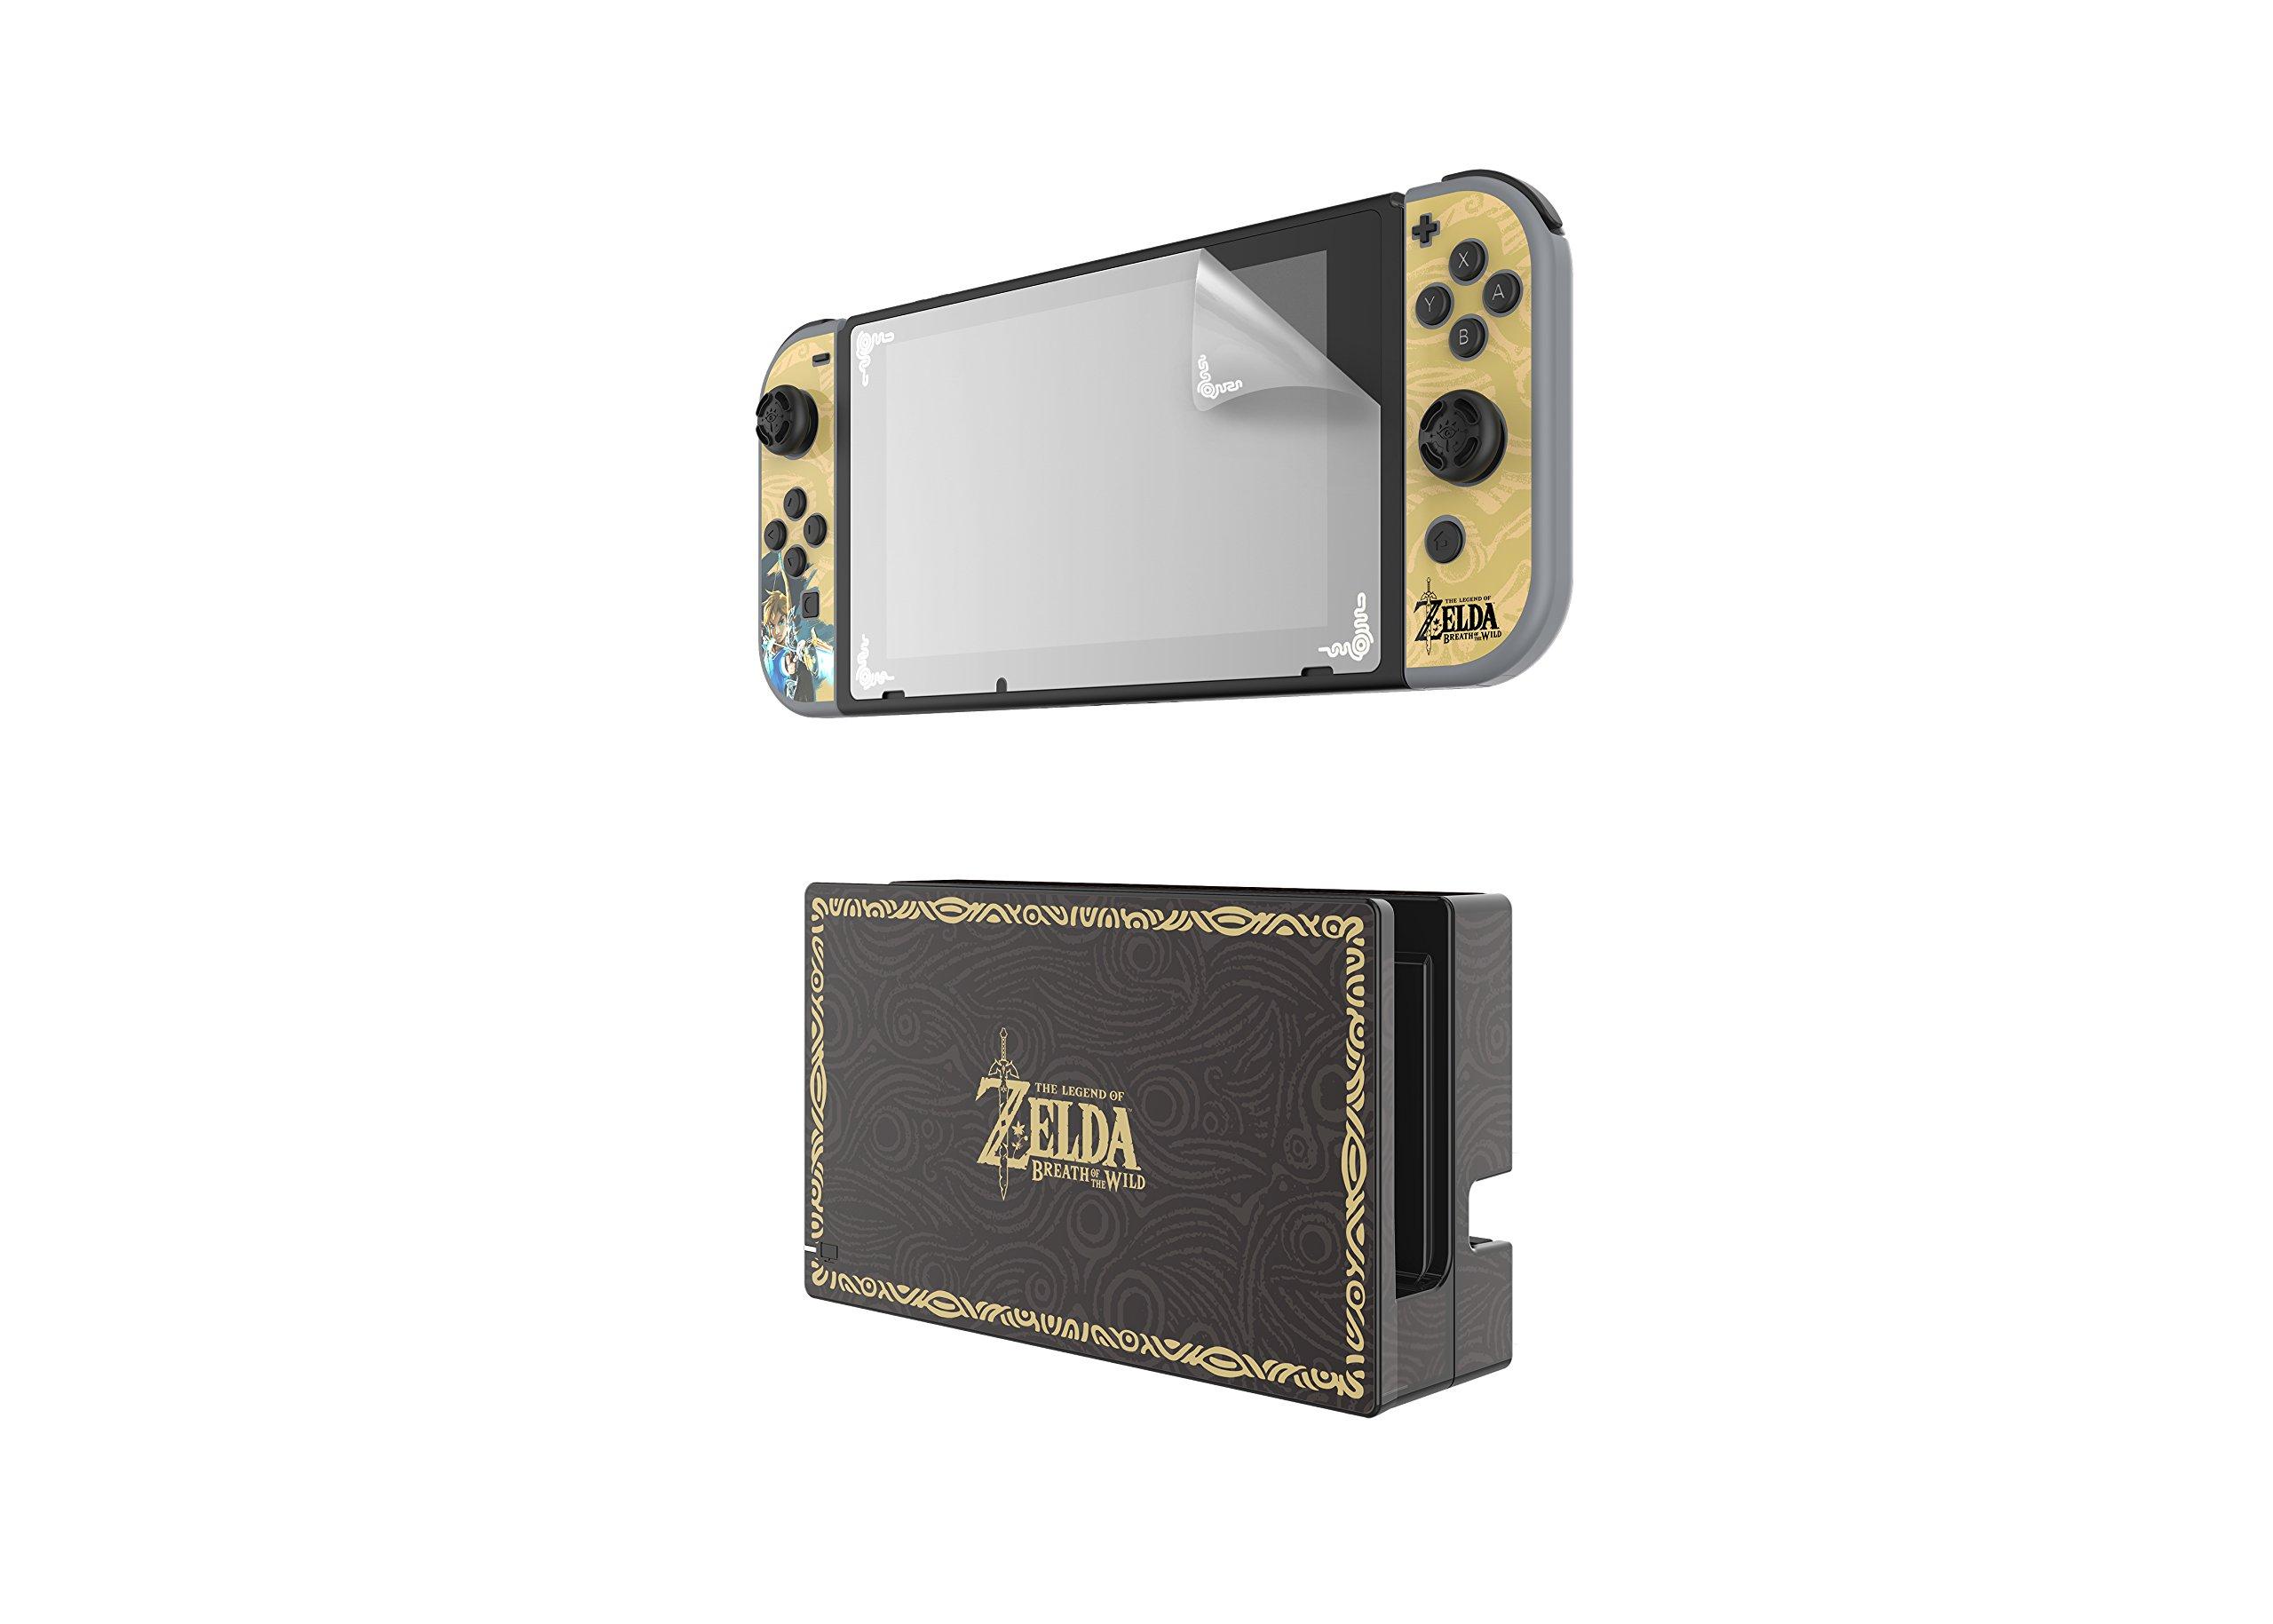 PDP Nintendo Zelda